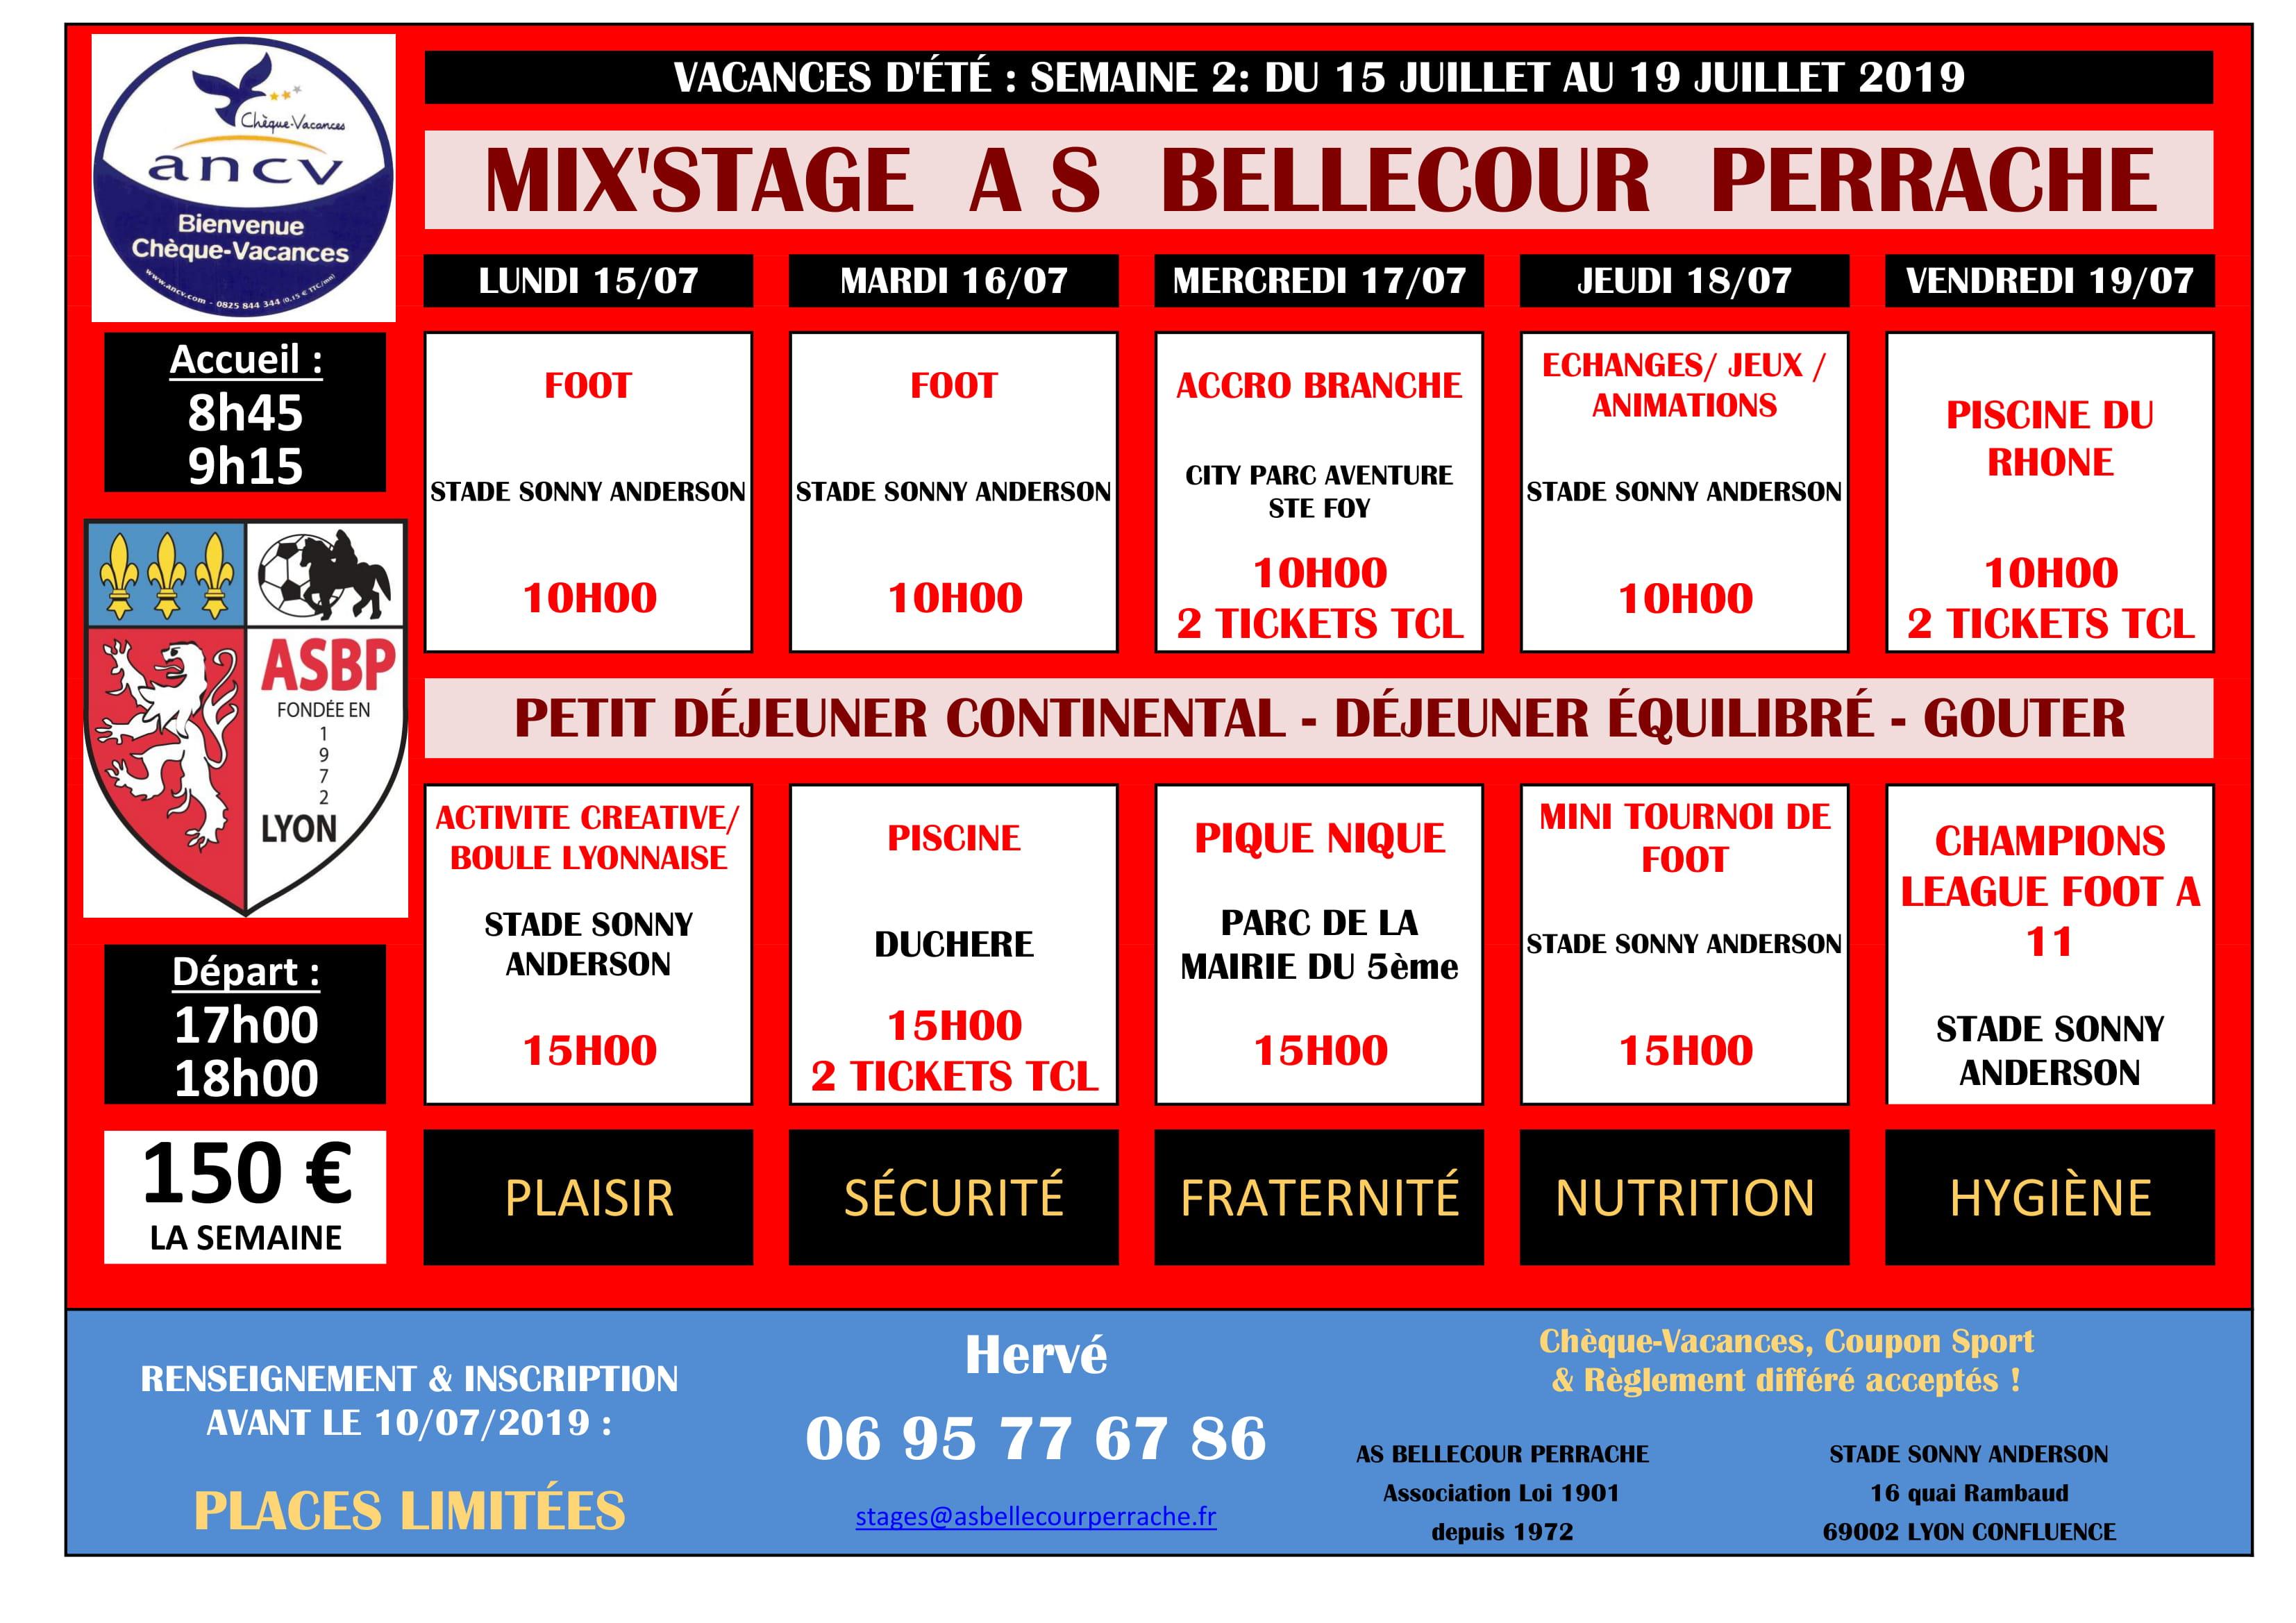 MIX'STAGE ETE 2019 DU 15/07 au 19/07/2019